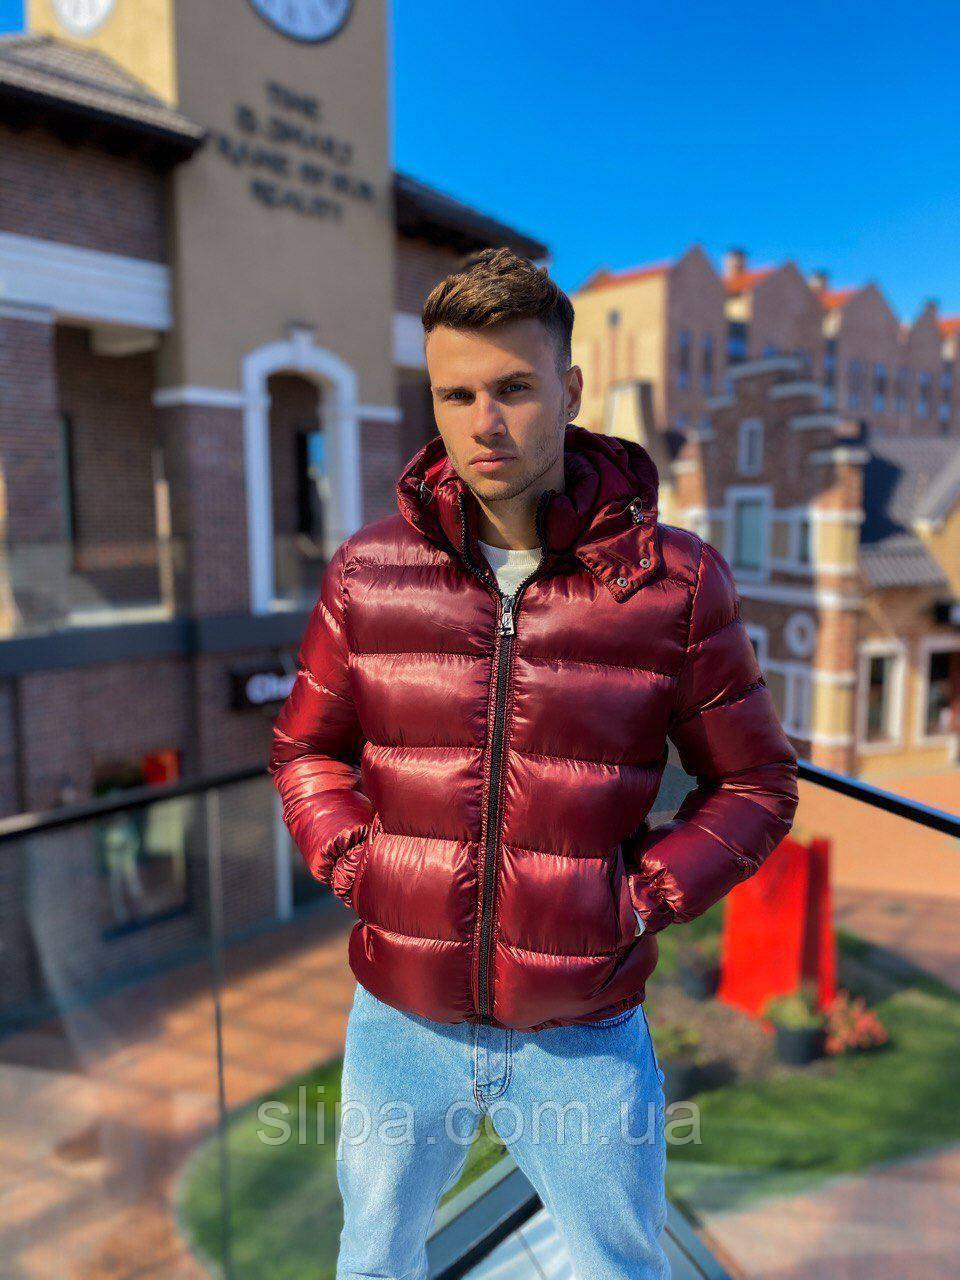 Чоловіча дута куртка з капюшоном (Туреччина)